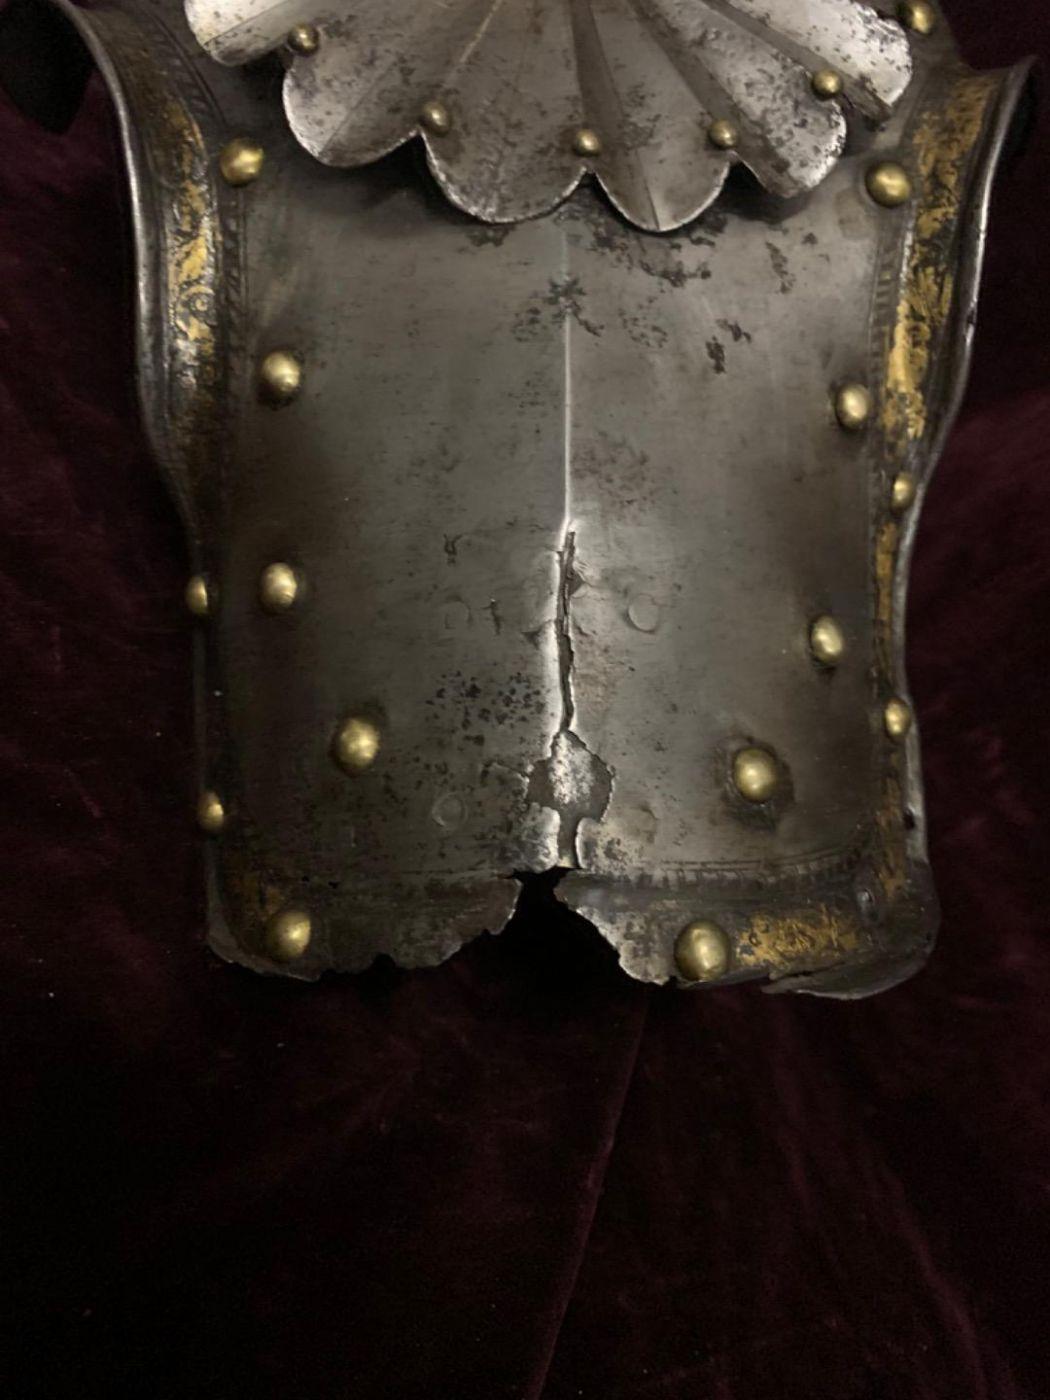 thumb7|Testiera da cavallo 1570-1580